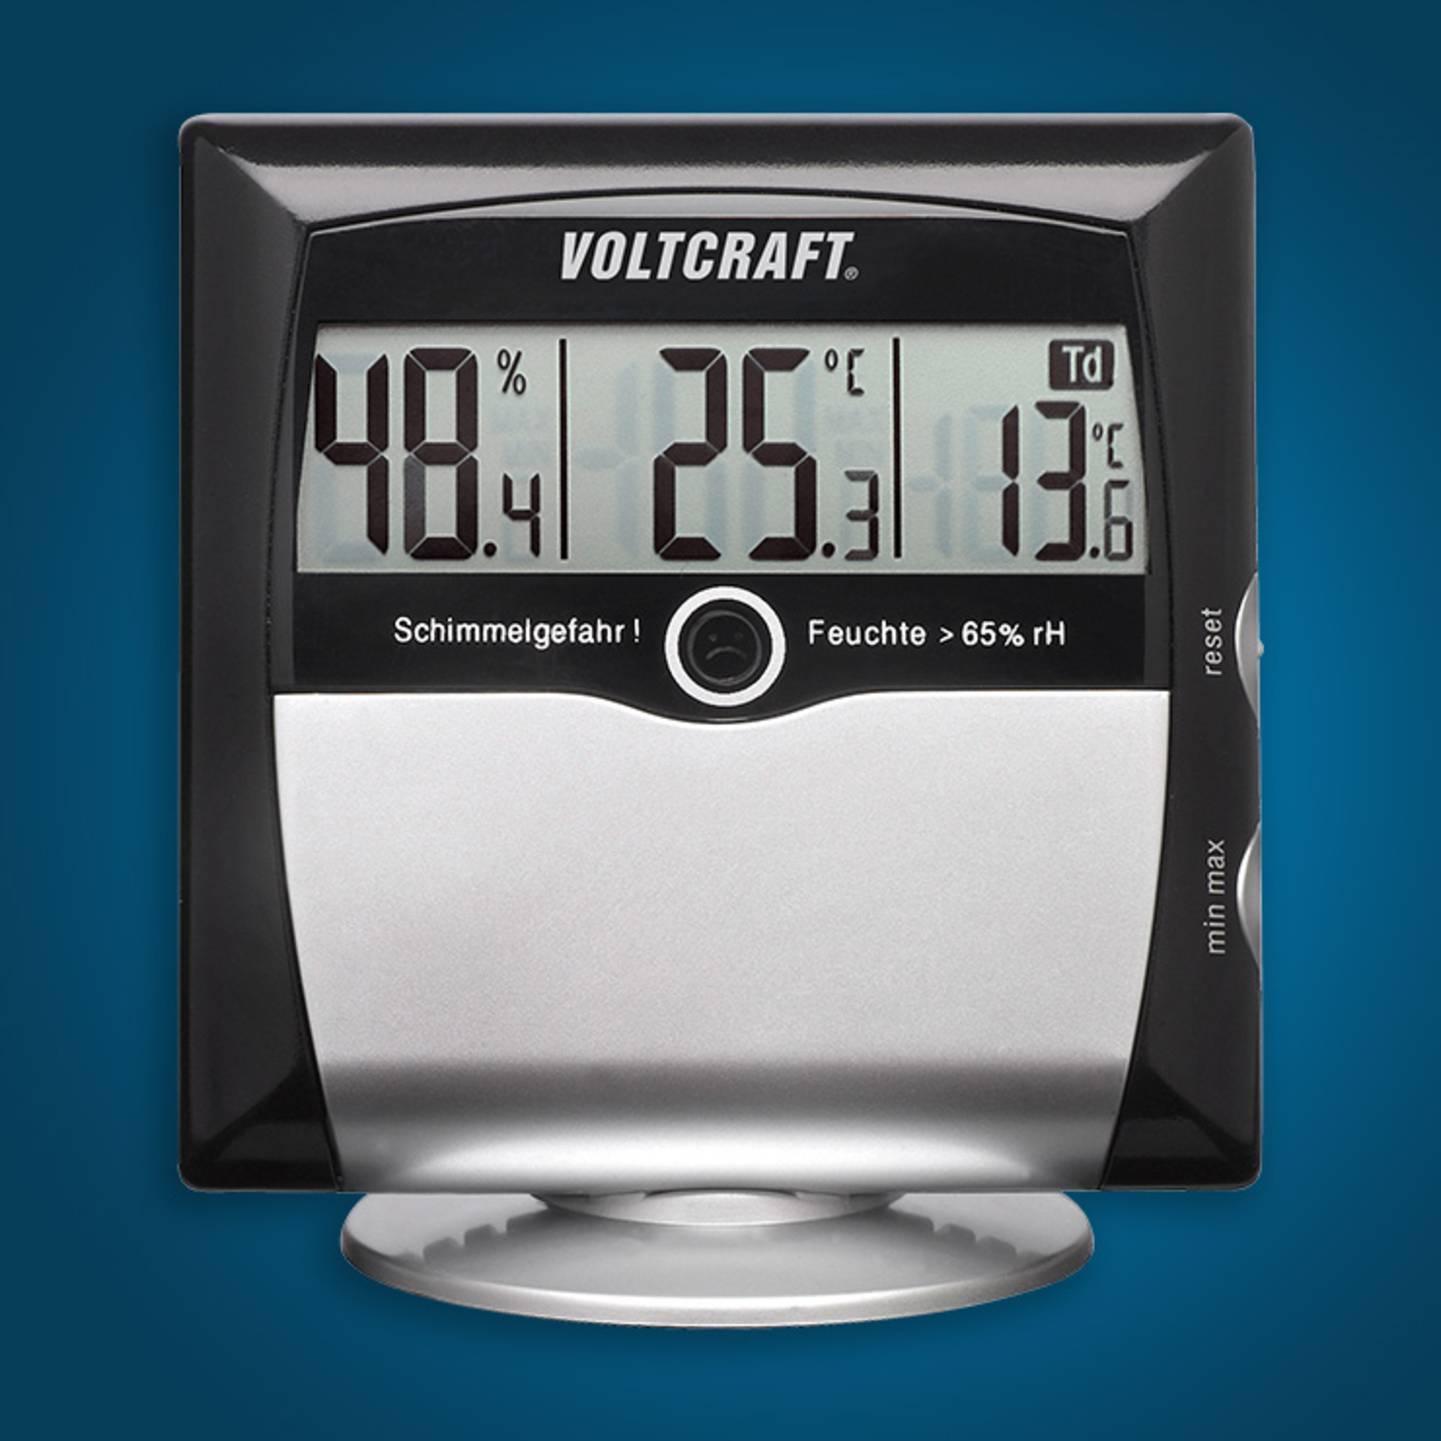 Voltcraft - MS-10 Mesureur d'humidité de l'air (hygromètre) »